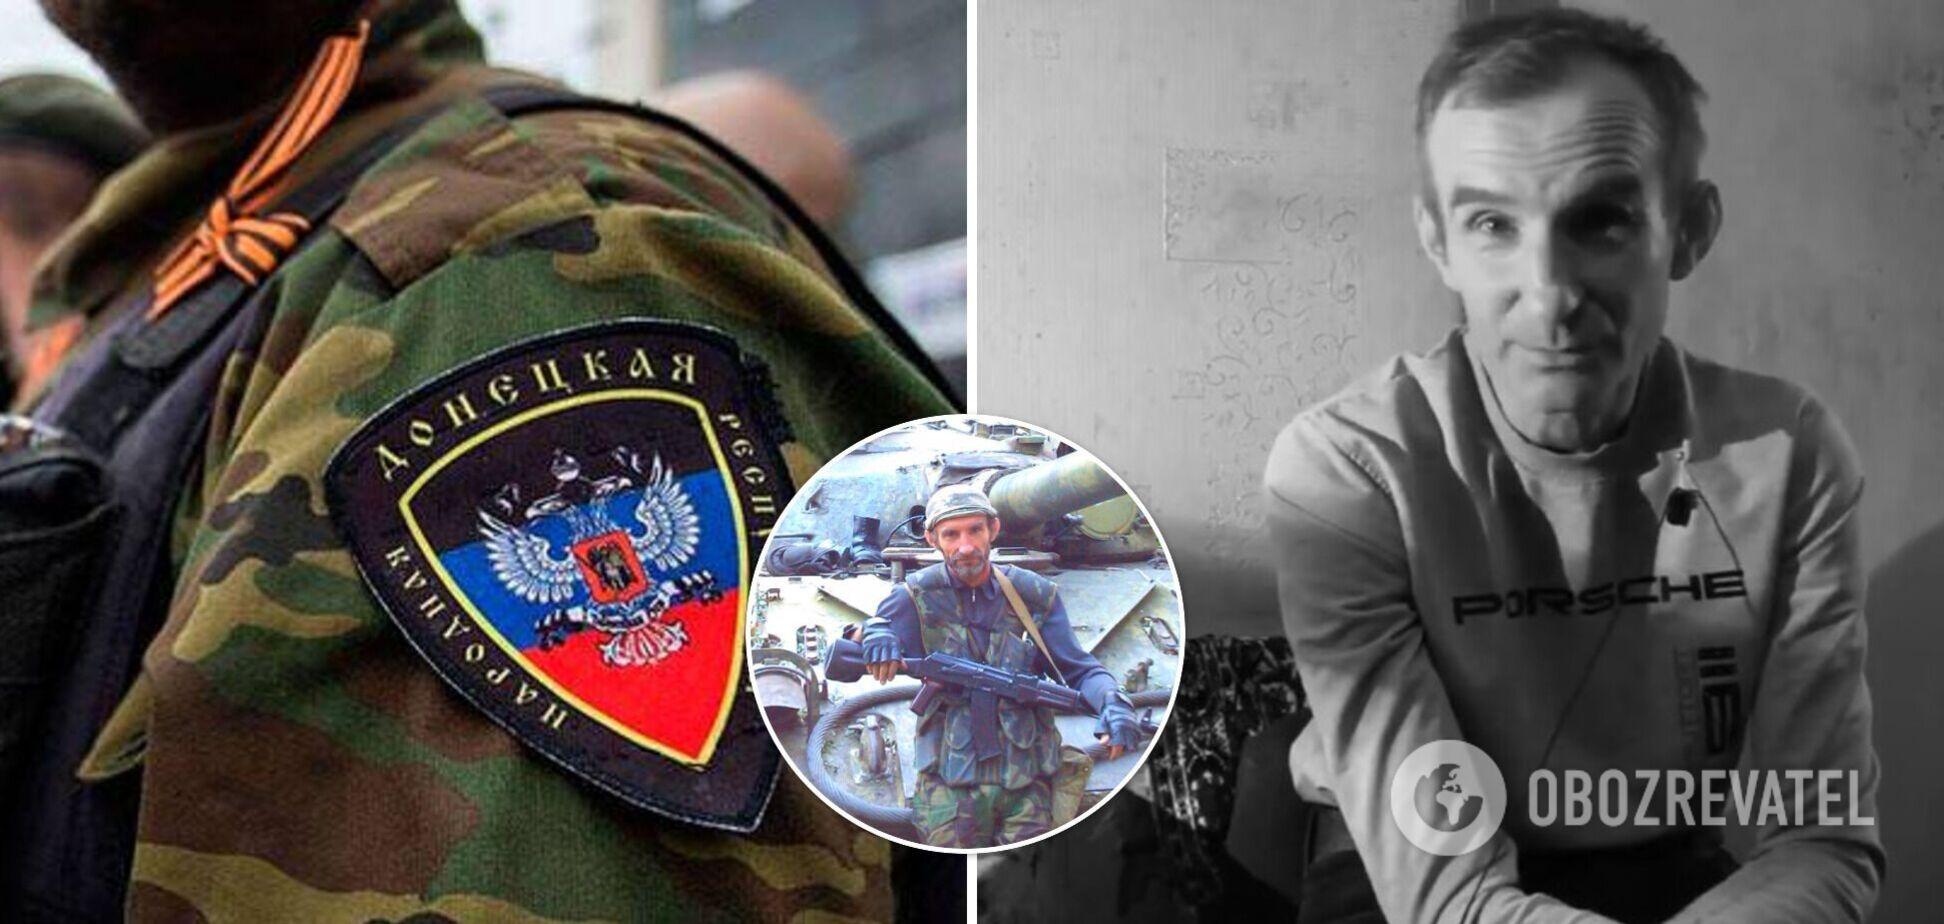 Наемник 'ДНР' выдал фейк о 'бессмертных поляках' в составе ВСУ на Донбассе. Видео